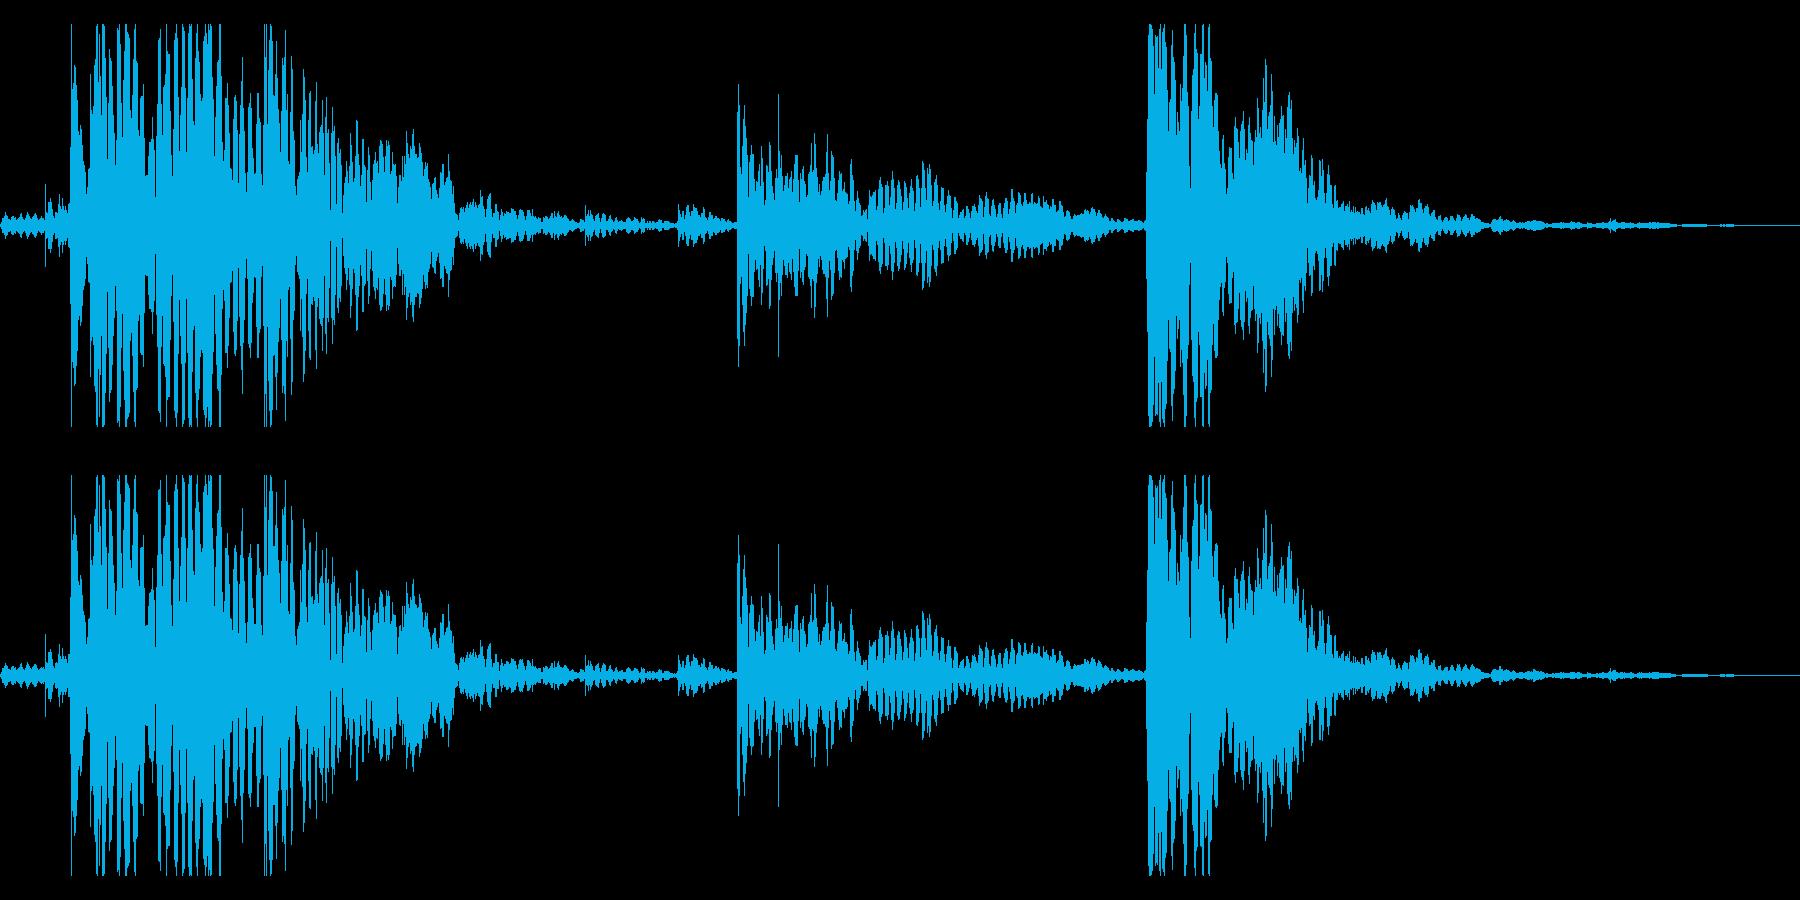 【生録音】チェーンの音 1 ジャラジャラの再生済みの波形